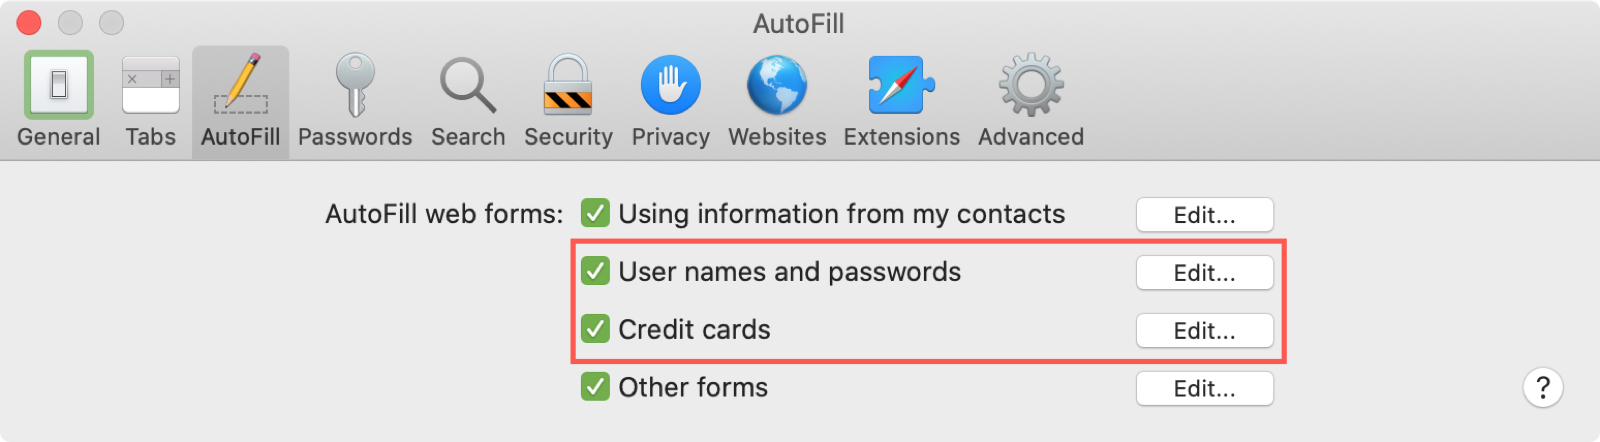 Safari Mac Settings Autofill